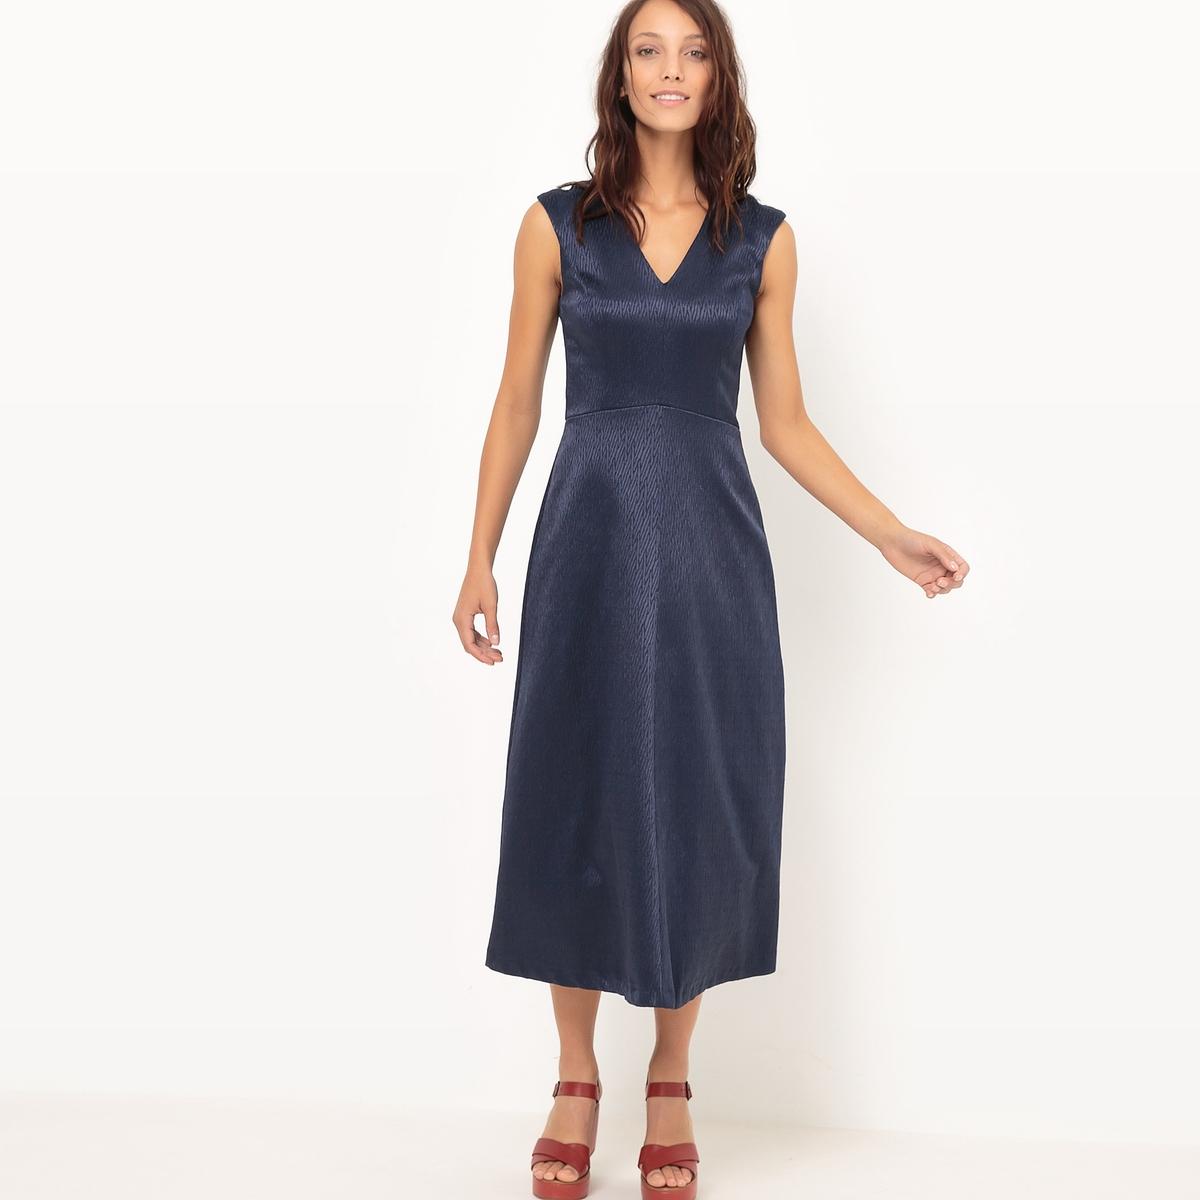 Платье расклешенное, однотонноеМатериал : 69% хлопка, 3% эластана, 28% полиэстера       Длина рукава : без рукавов       Форма воротника : V-образный вырез      Покрой платья : расклешенное платье      Рисунок : однотонная модель        Длина платья : 120 см      Стирка : машинная стирка при 30 °С      Уход : использование растворителей и отбеливание запрещены      Машинная сушка : запрещена      Глажка : при умеренной температуре<br><br>Цвет: синий морской,слоновая кость<br>Размер: 48 (FR) - 54 (RUS).42 (FR) - 48 (RUS).46 (FR) - 52 (RUS).44 (FR) - 50 (RUS).42 (FR) - 48 (RUS).40 (FR) - 46 (RUS)